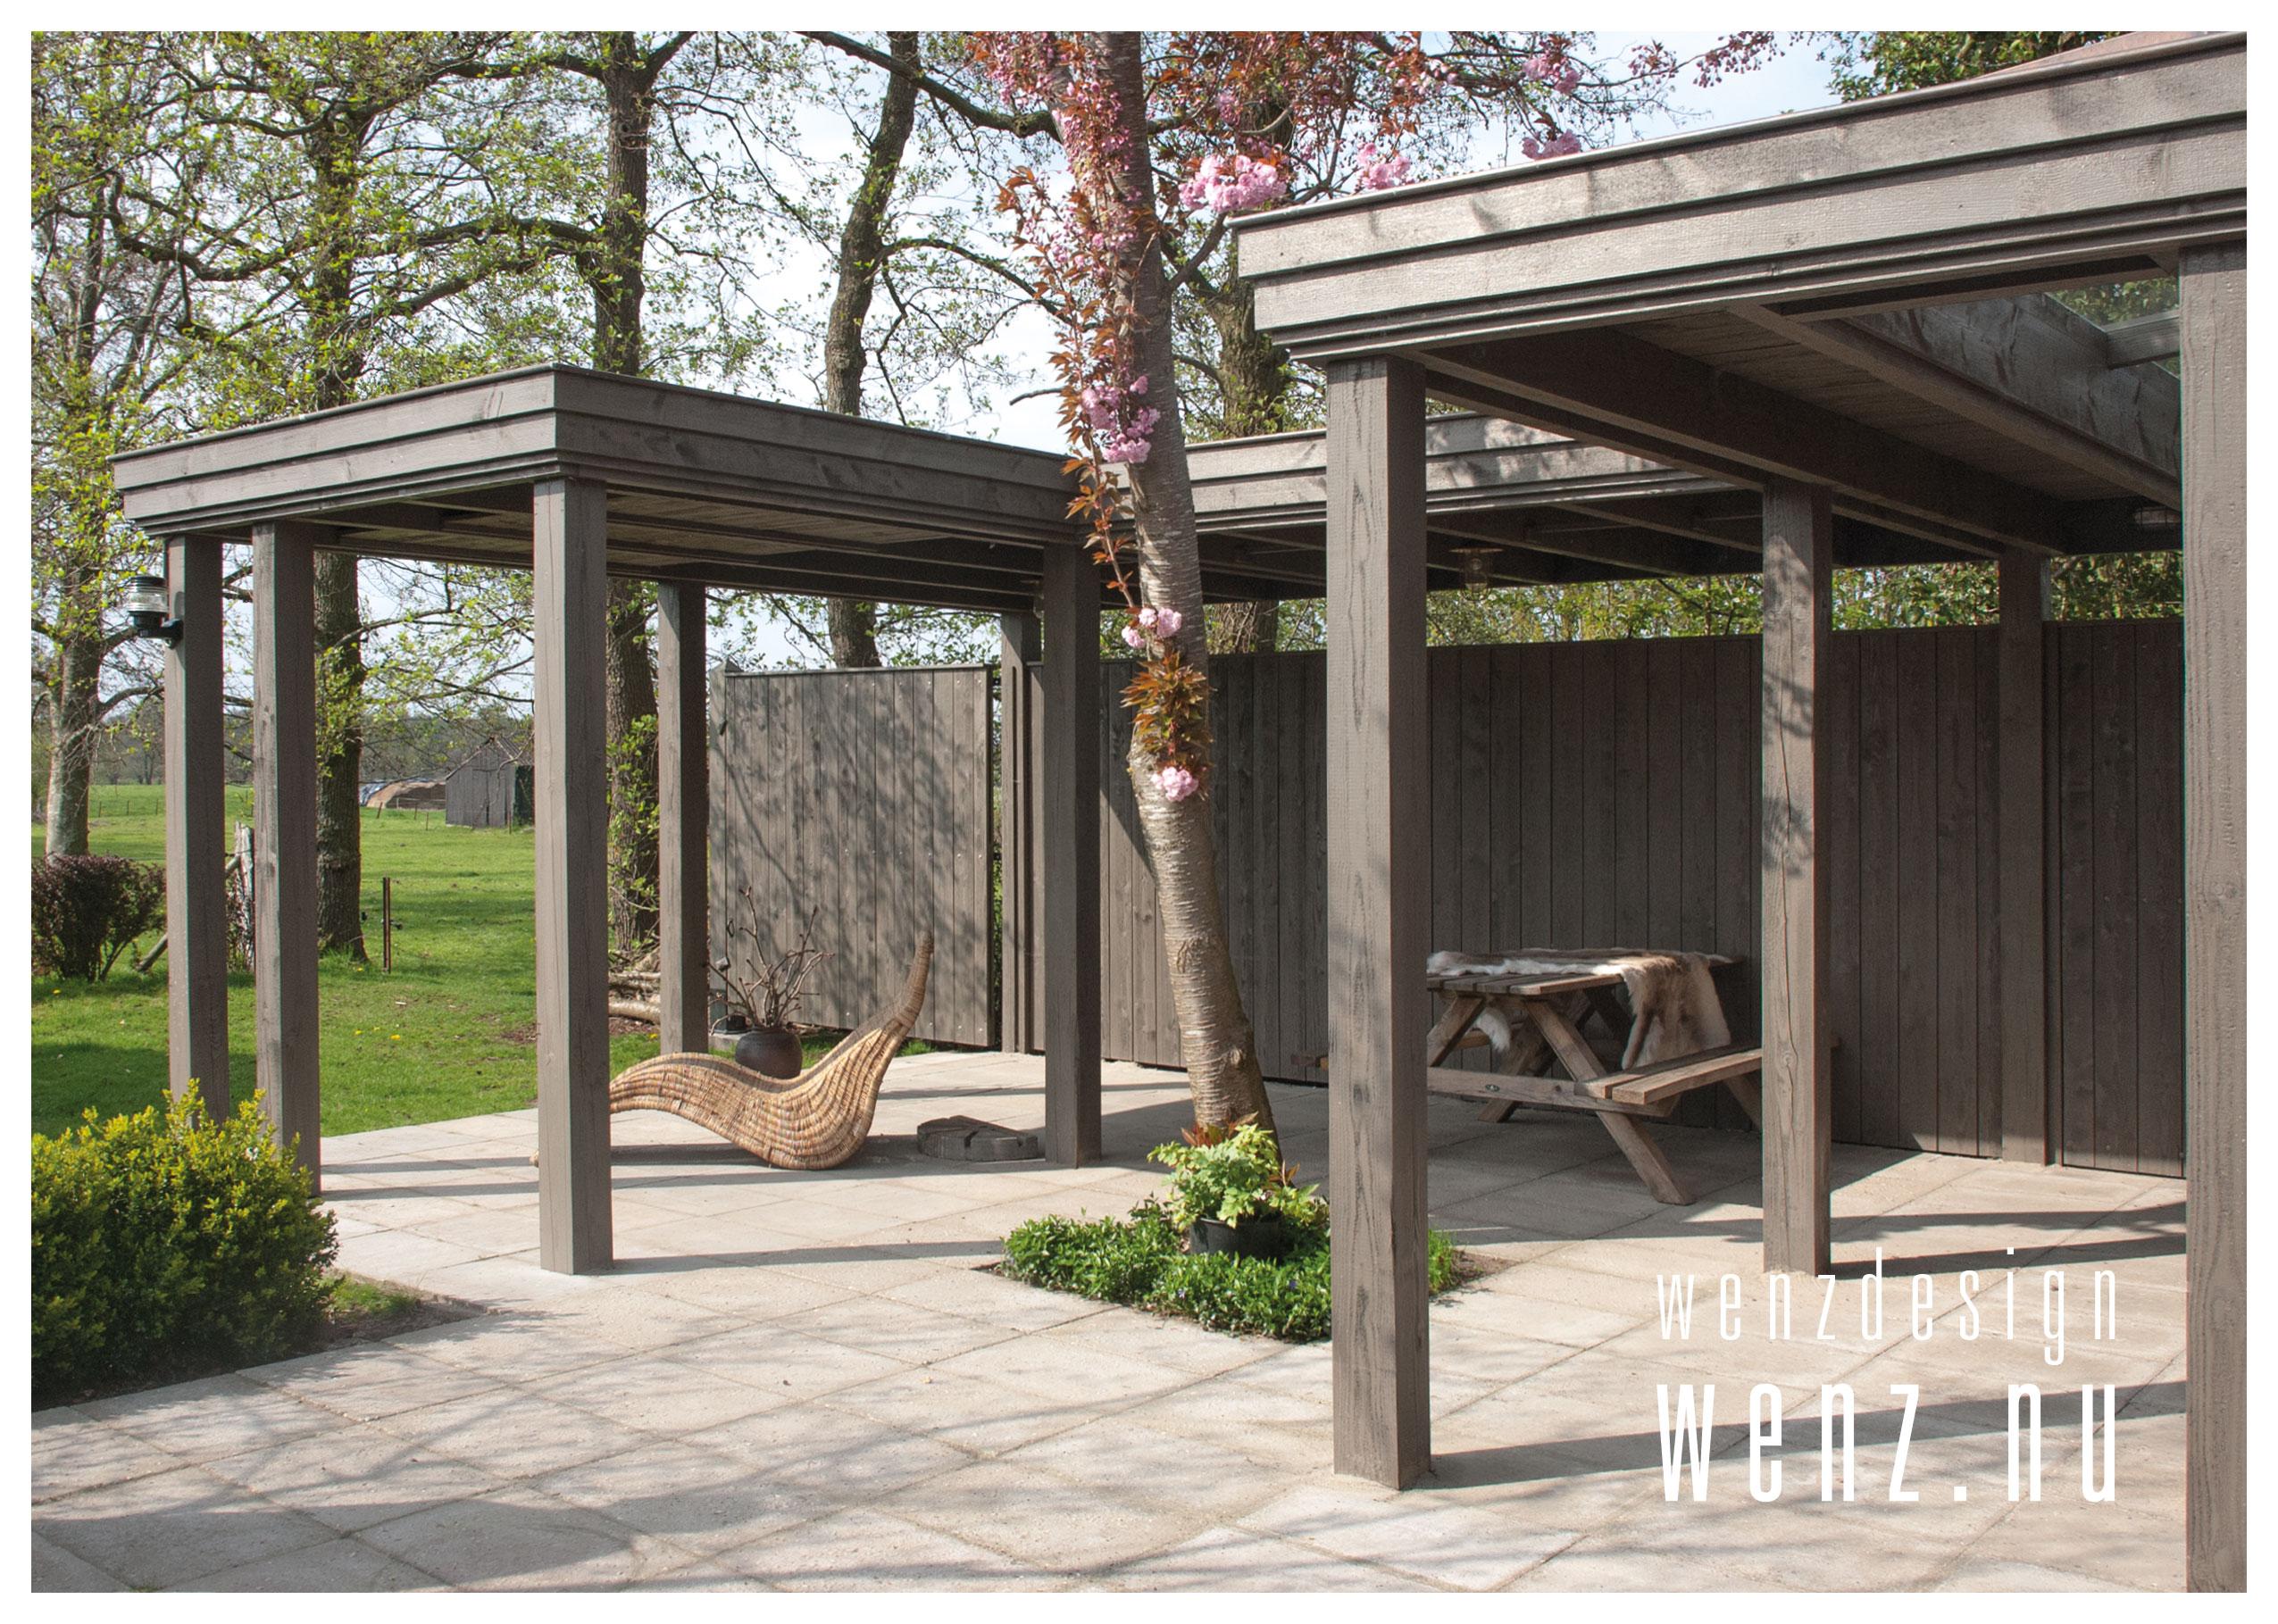 Houten Overkapping Tuin : Overkapping in uw tuin wenzdesign exclusief ontwerp en